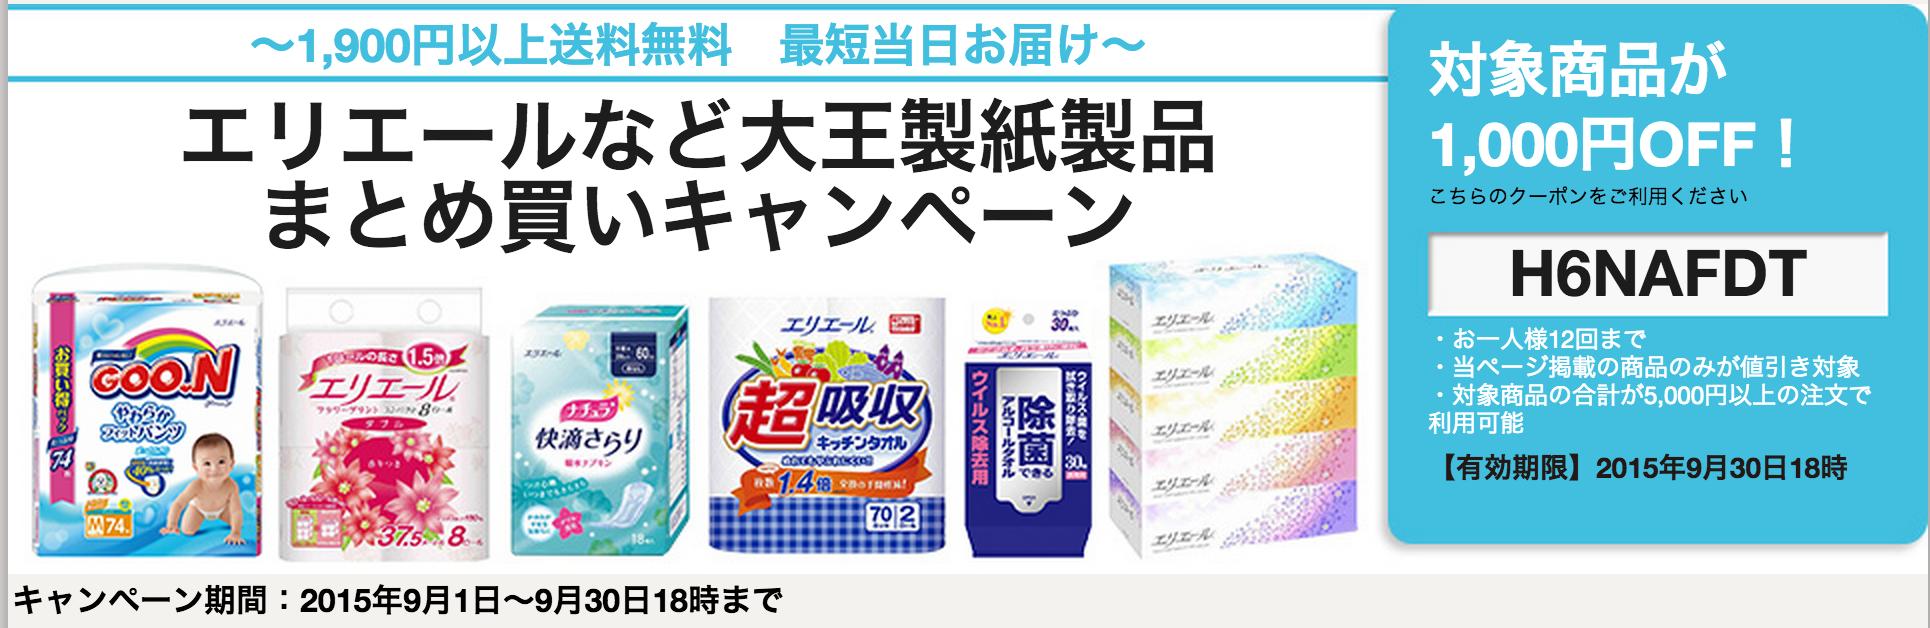 エリエールなど大王製紙製品まとめ買いキャンペーン201509